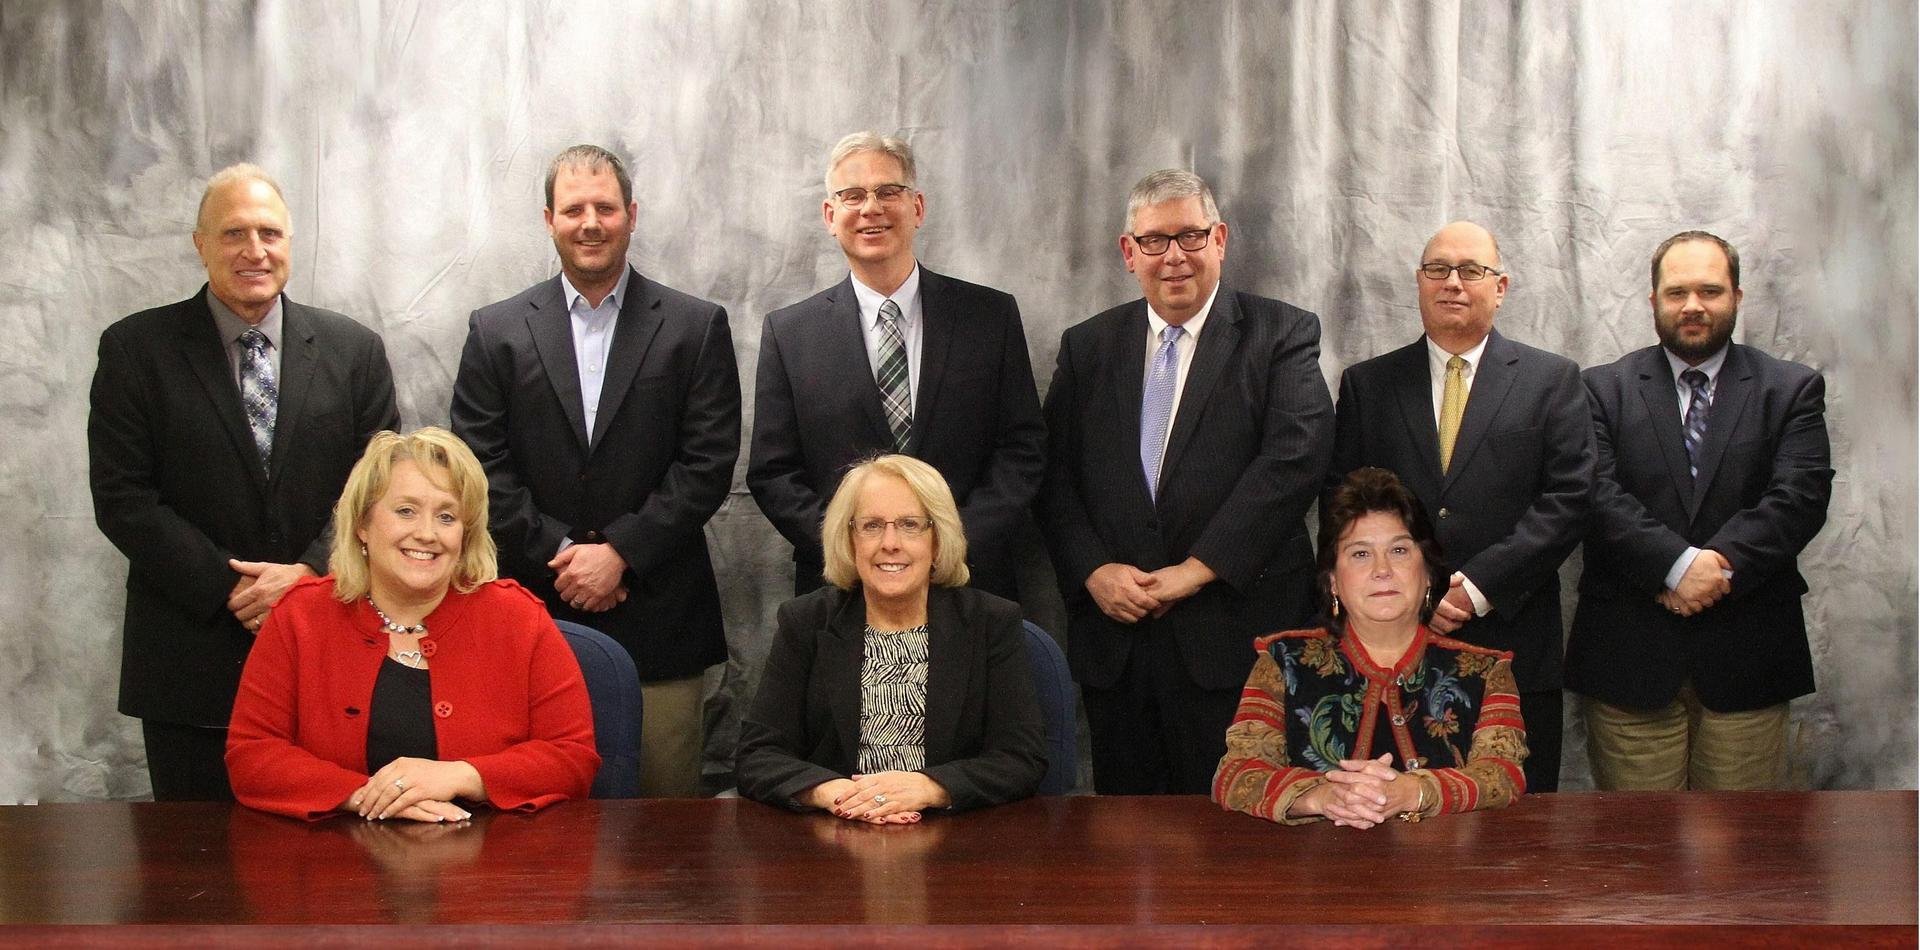 Norwin Board of Education